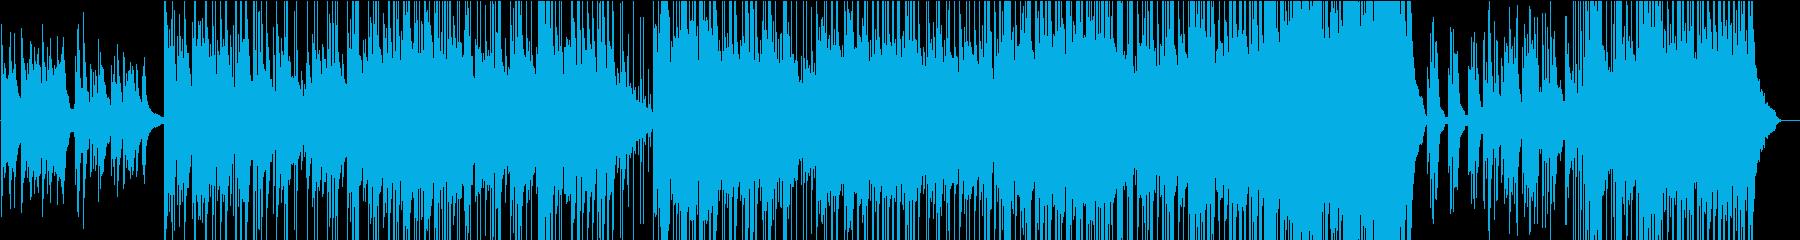 ピアノの旋律が印象的なバラード曲の再生済みの波形